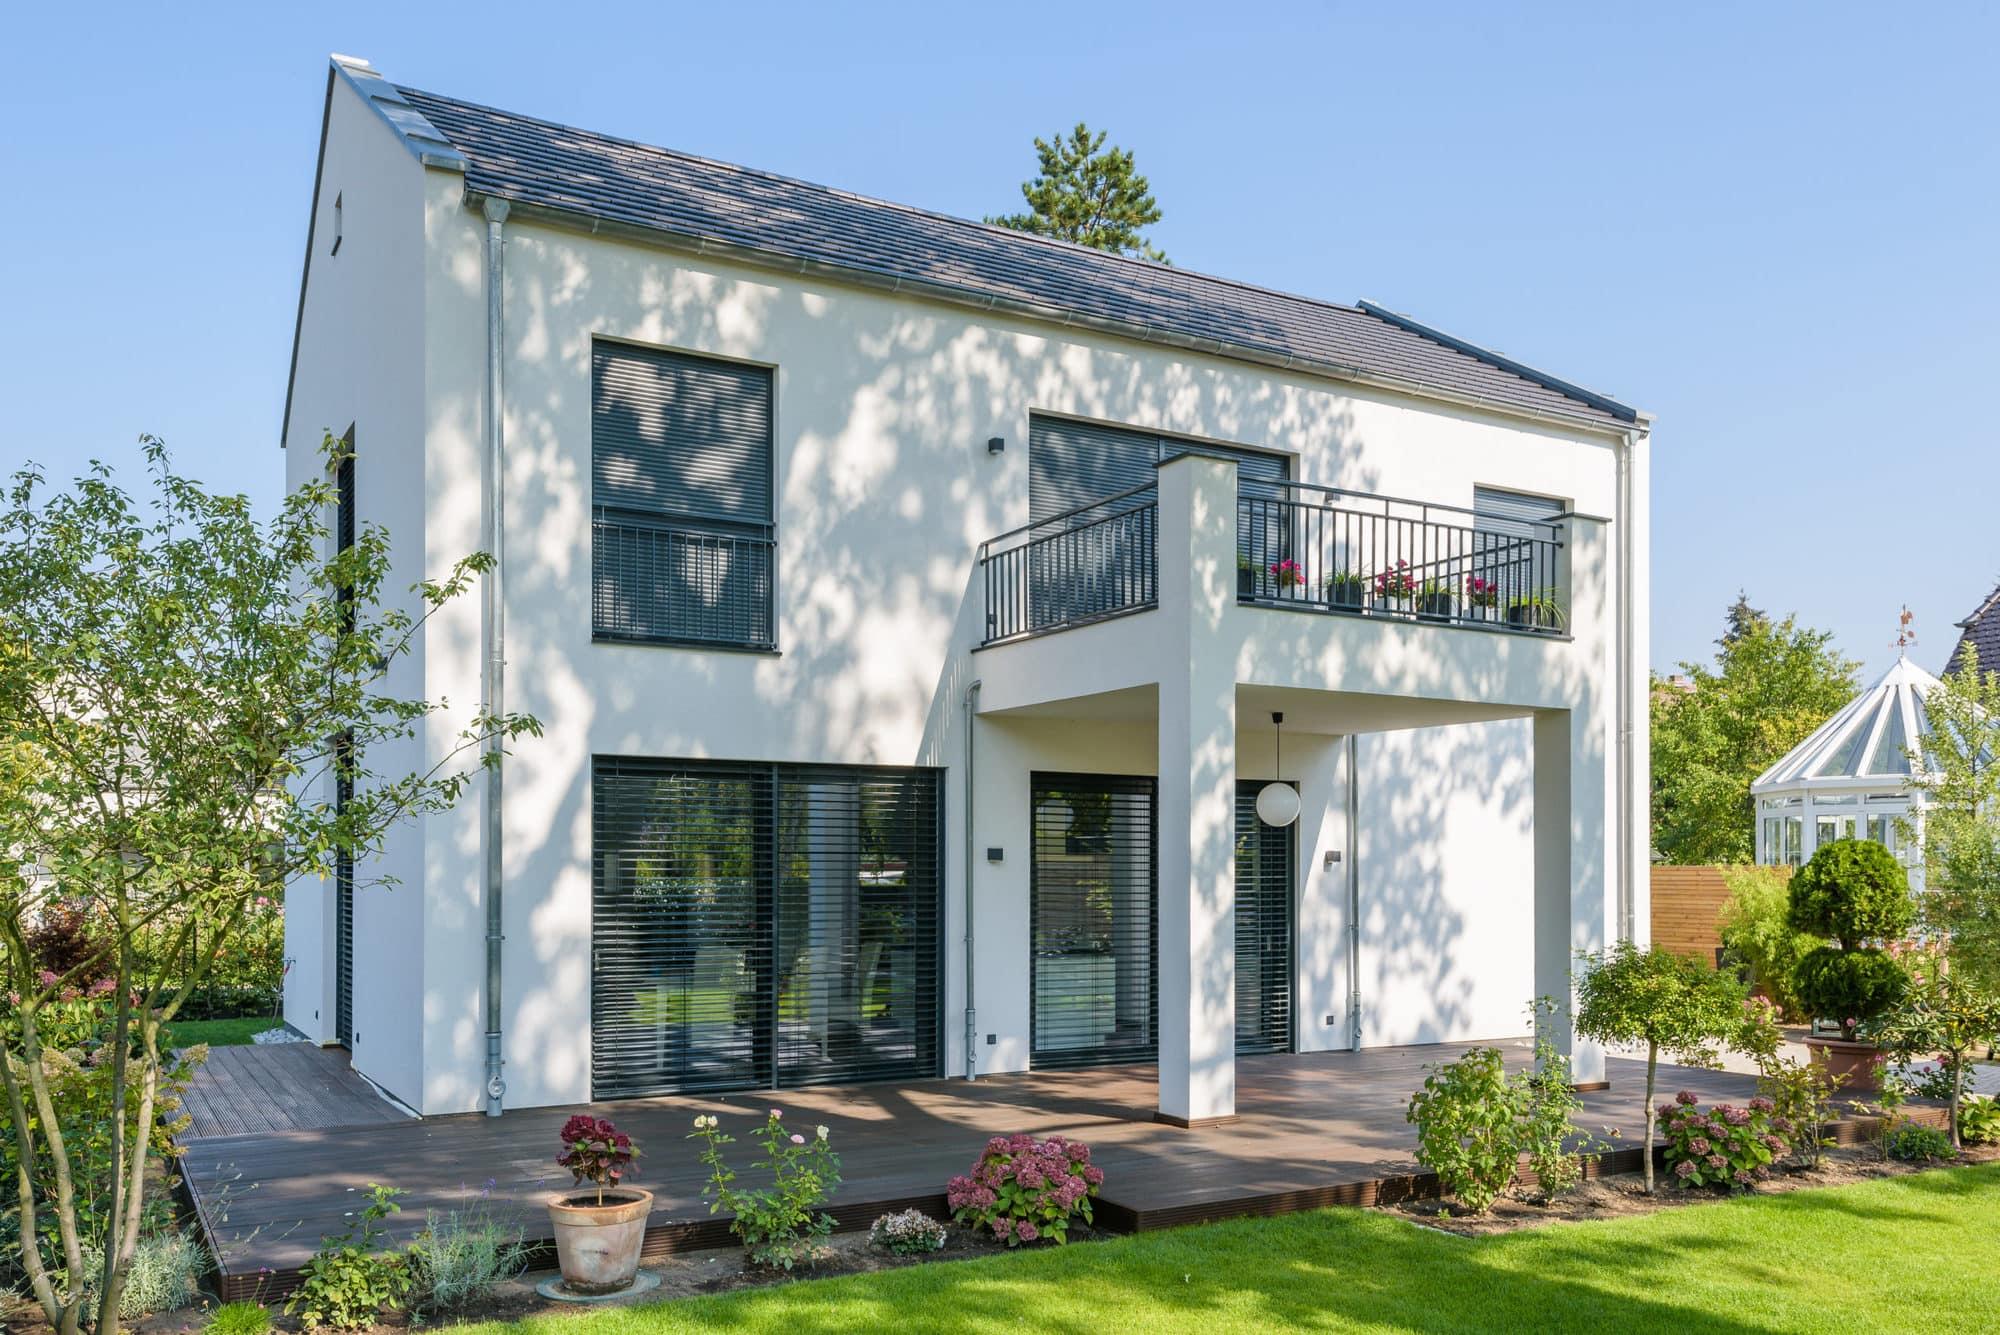 stadtvilla-mit-balkon-terrasse-1